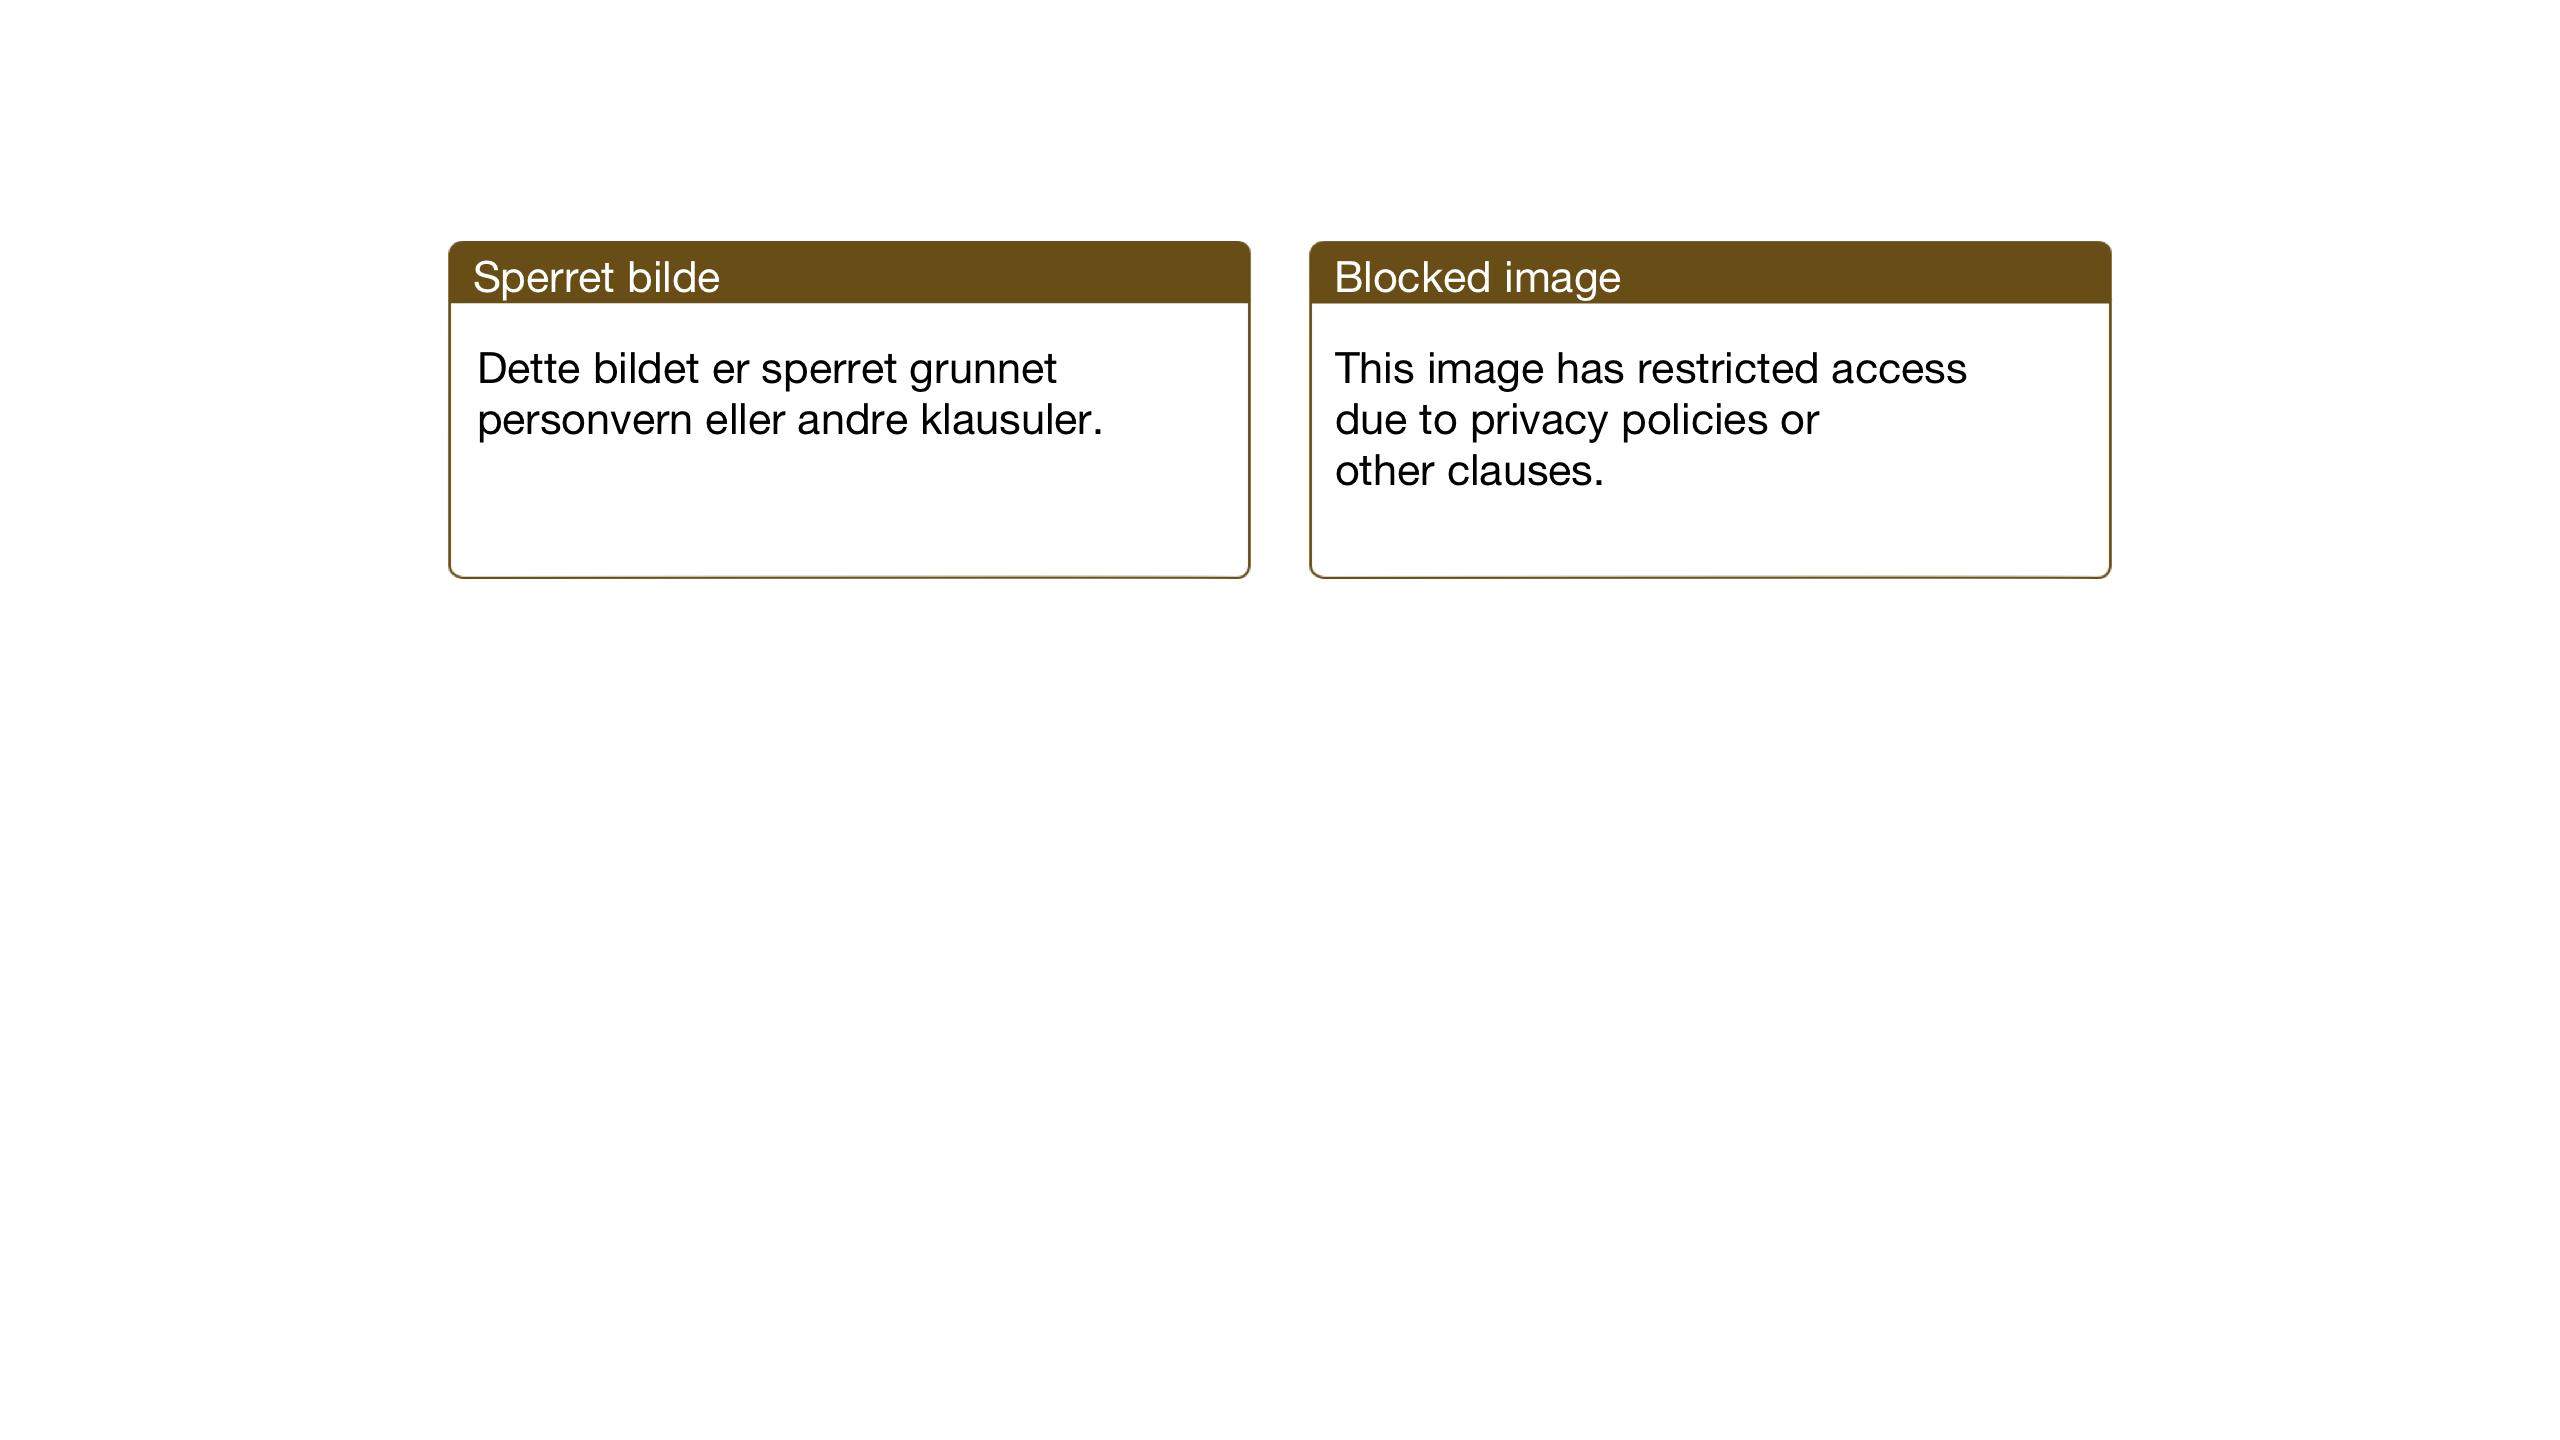 SAT, Ministerialprotokoller, klokkerbøker og fødselsregistre - Sør-Trøndelag, 681/L0944: Klokkerbok nr. 681C08, 1926-1954, s. 138